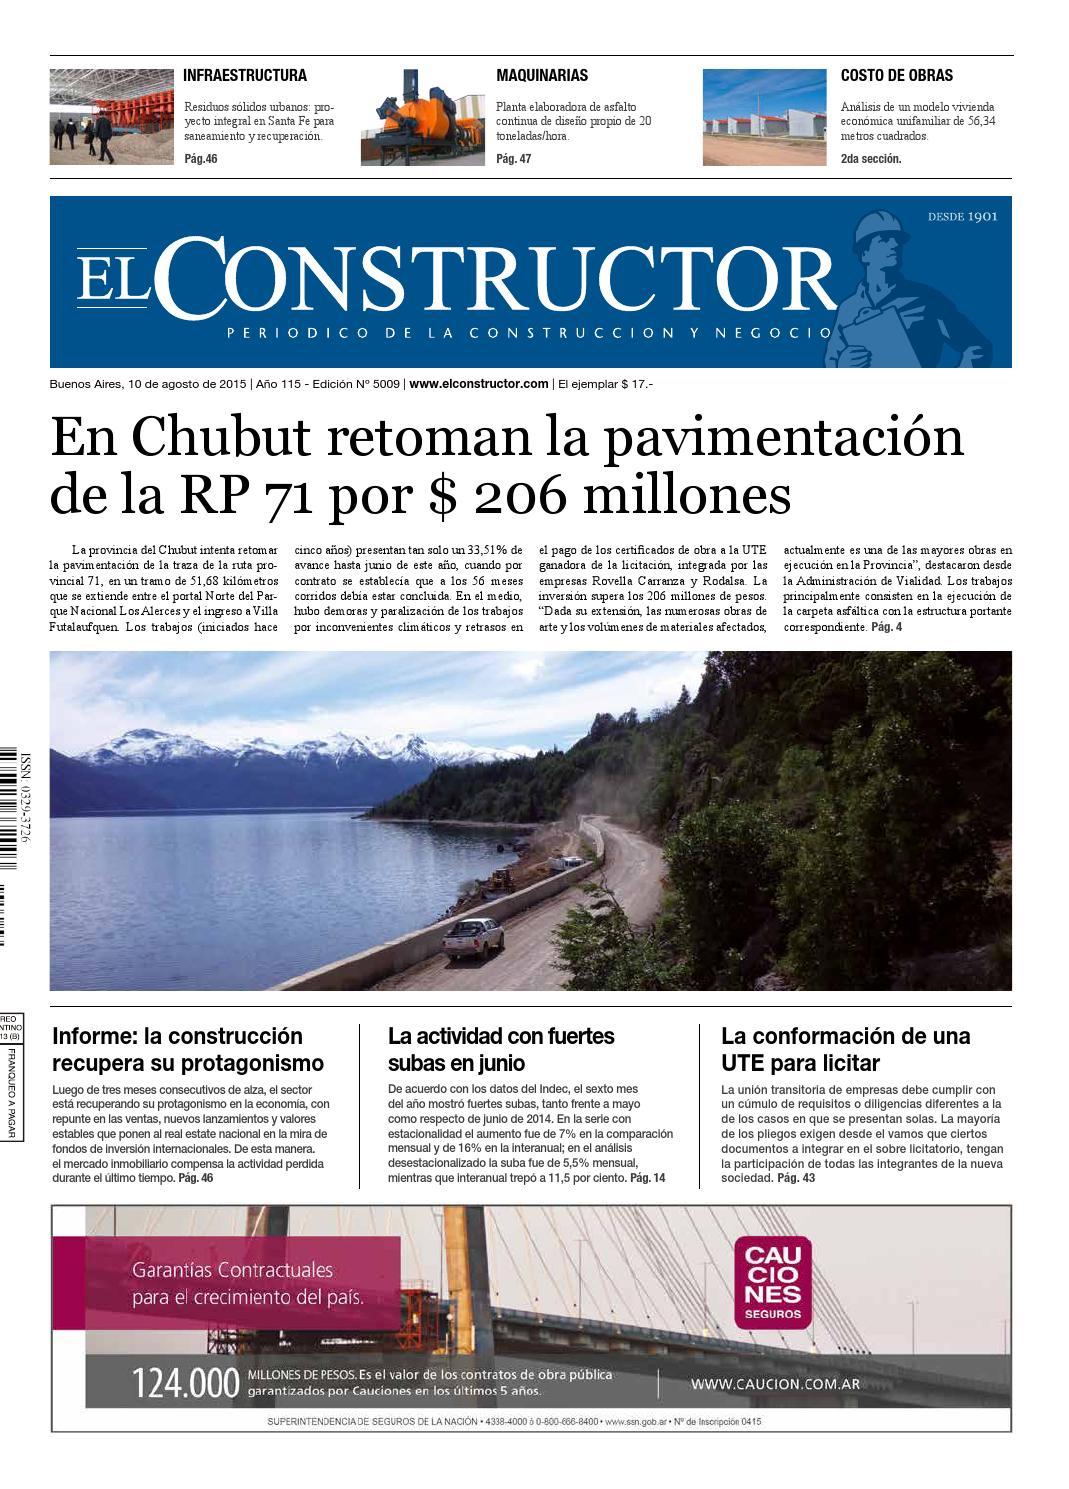 El Constructor 10/08/2015 - N° 5009 Año 115 by ELCO Editores - issuu